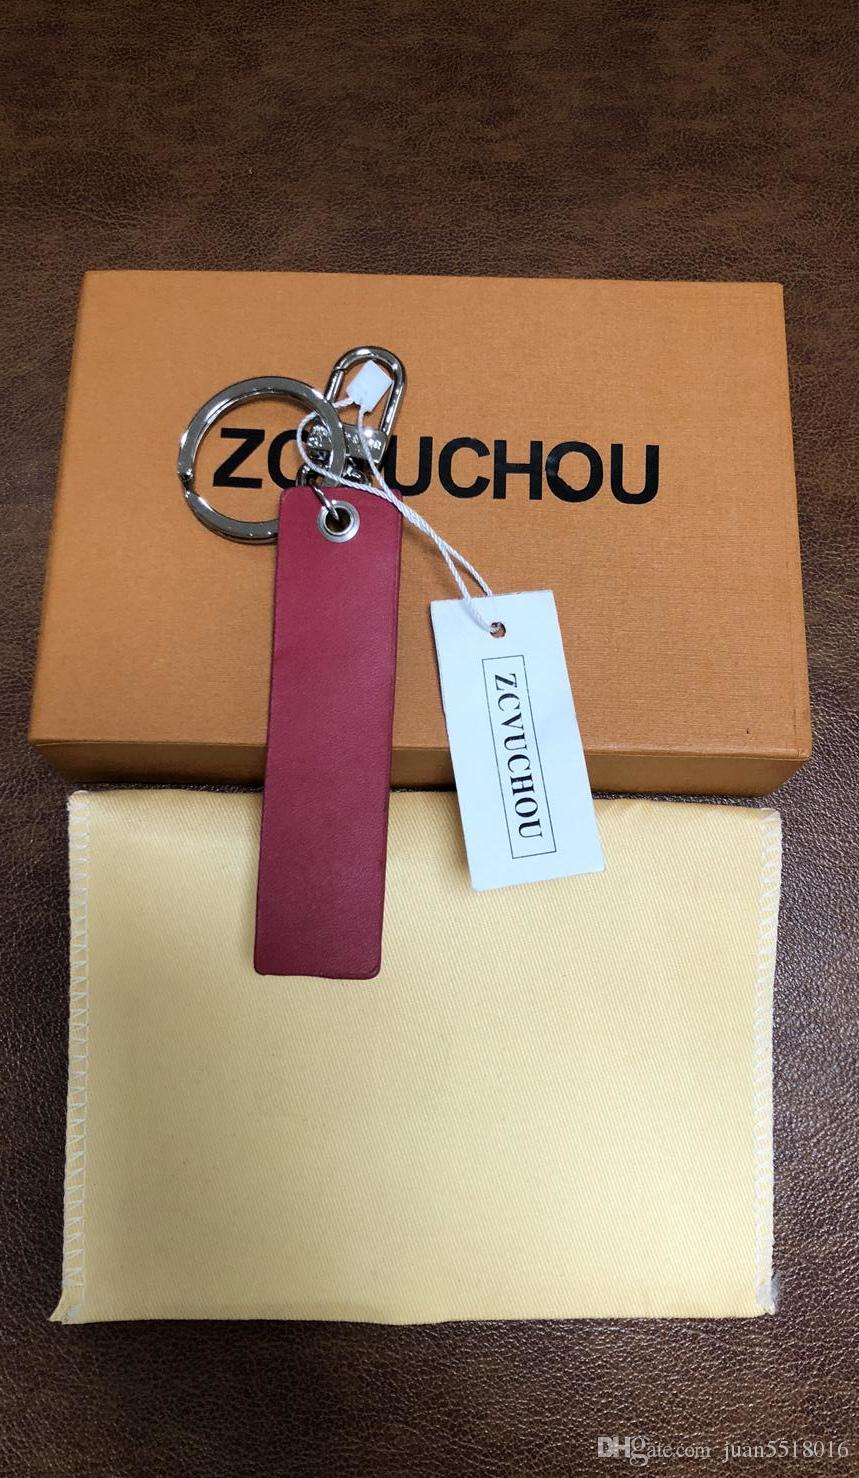 2019 Nuevo llavero de negocios Llavero de aleación de zinc de cuero rojo Llavero de coche Hebilla de herradura Regalos de lujo personalizados con bolsa de polvo de caja